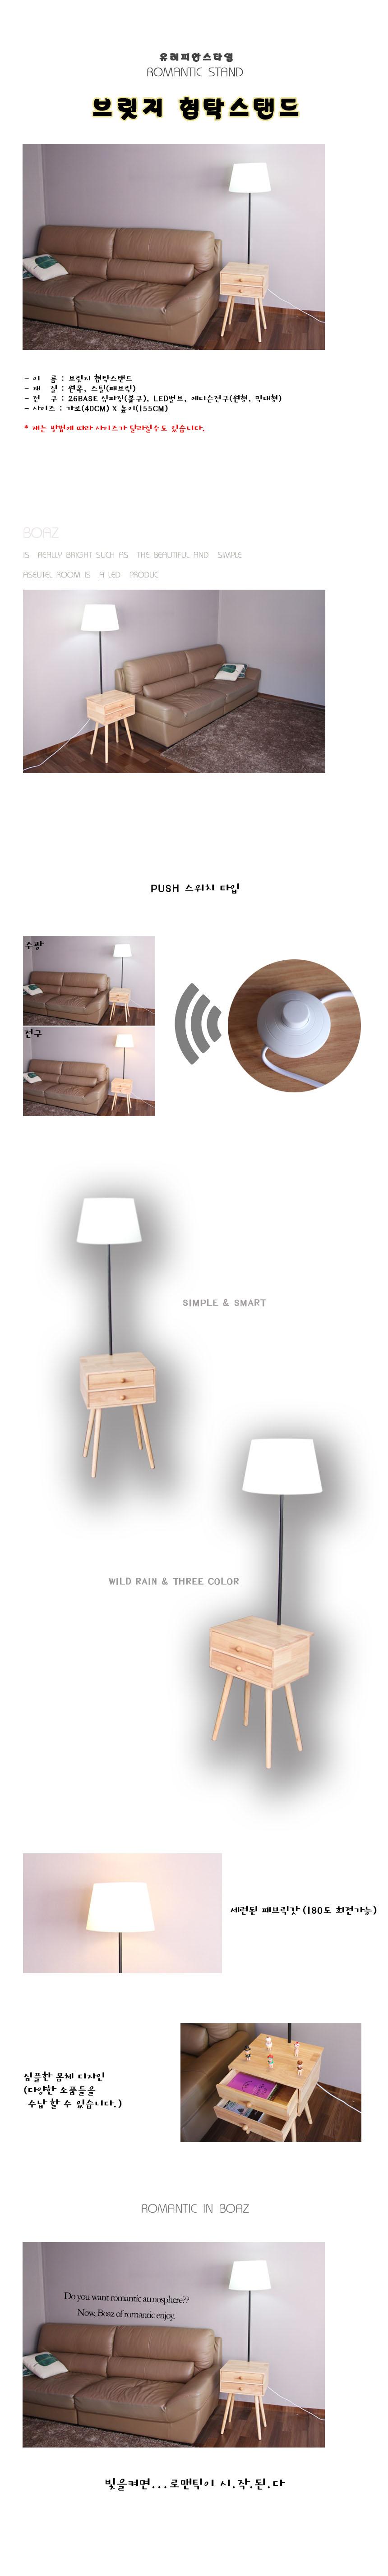 boaz 브릿지 협탁 장스탠드 LED 카페 인테리어 조명 - 보아스라이팅, 160,000원, 리빙조명, 플로어조명